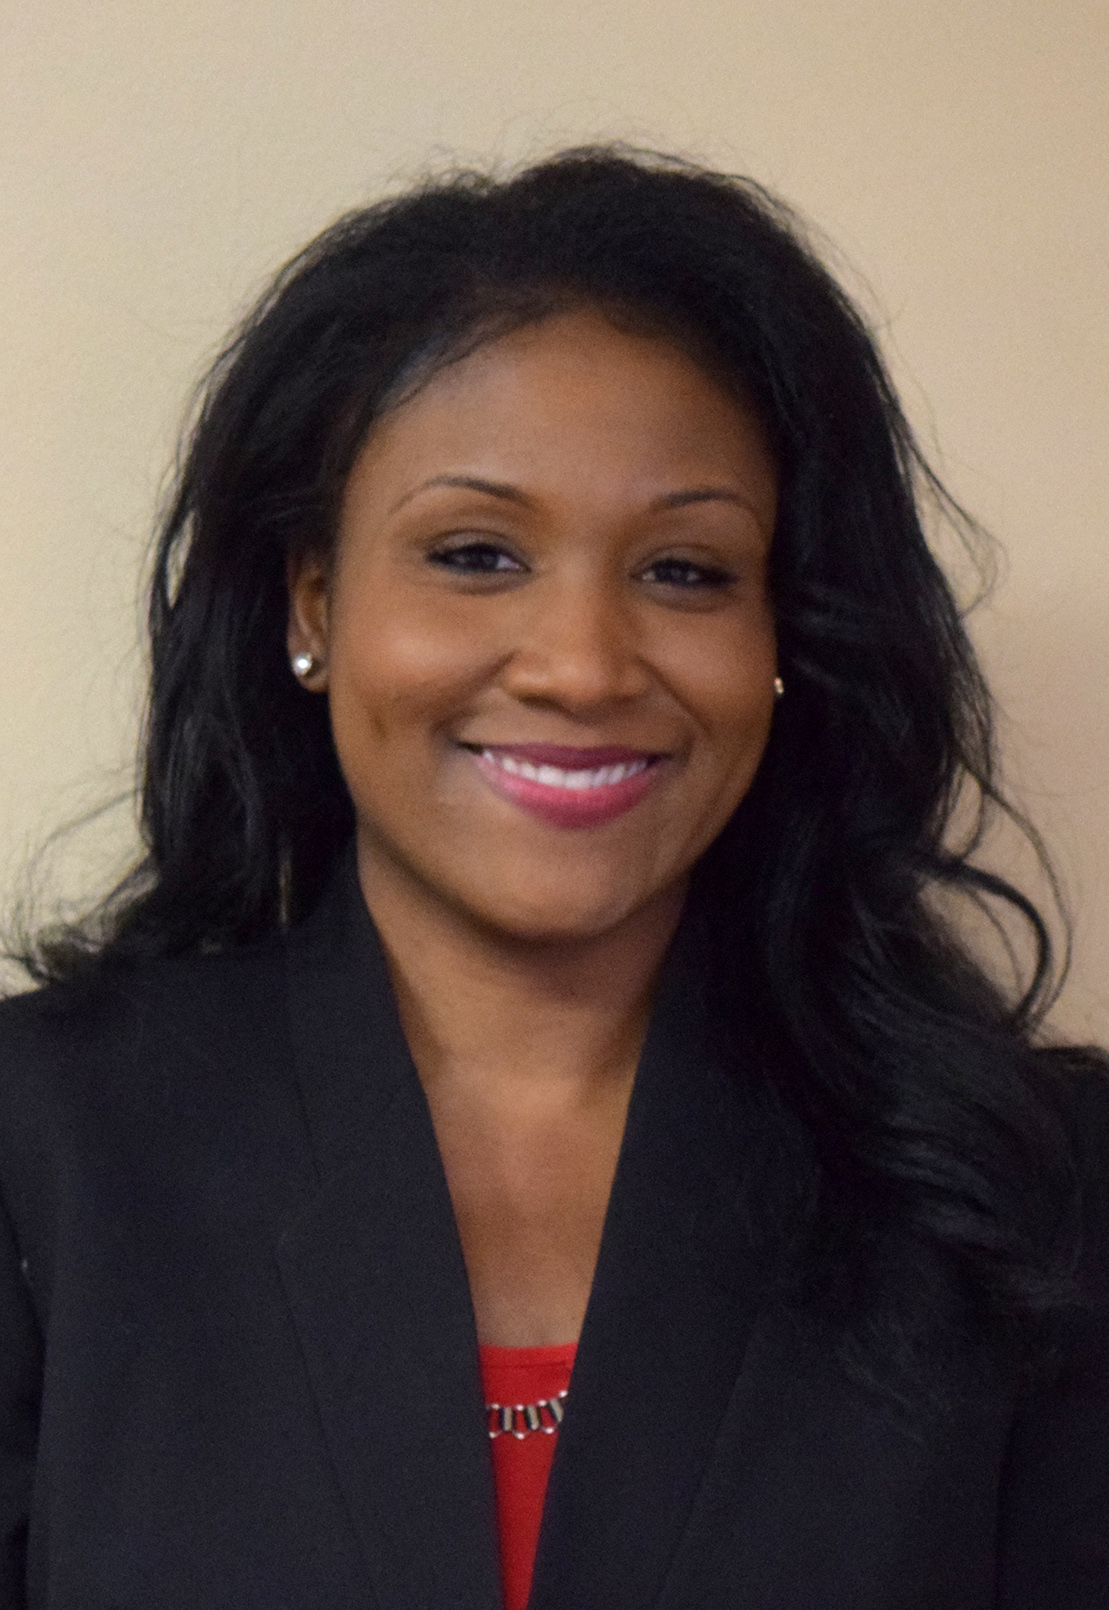 Tania Edwards